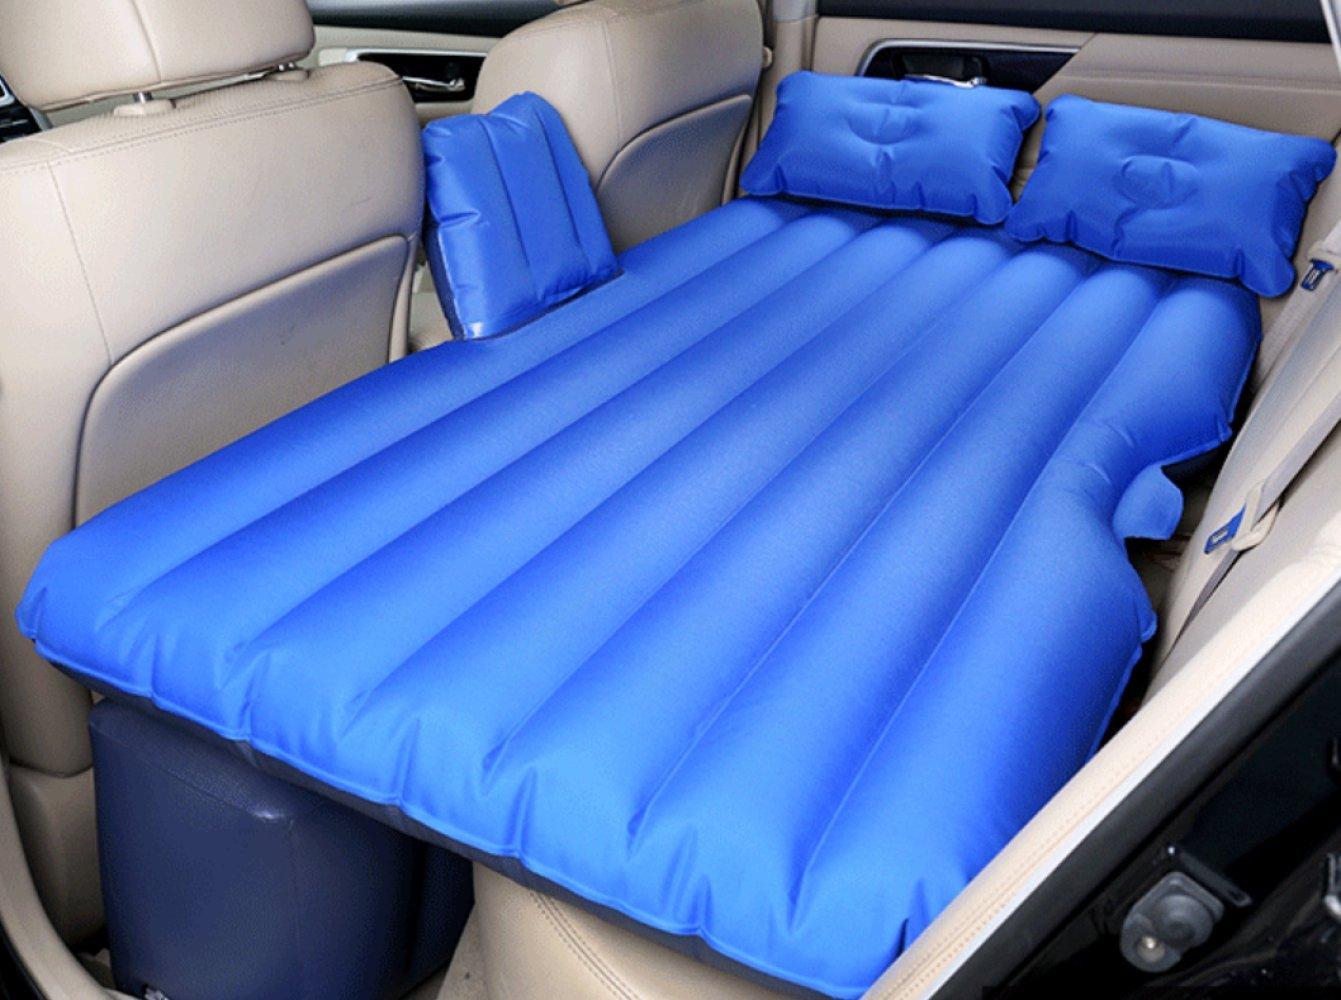 ERHANG Luftbetten Betten Hinteres Sitz-SUV-Auto-aufblasbares Bett-Reise-Bett-Erwachsenes Geteiltes Bett,DarkBlau